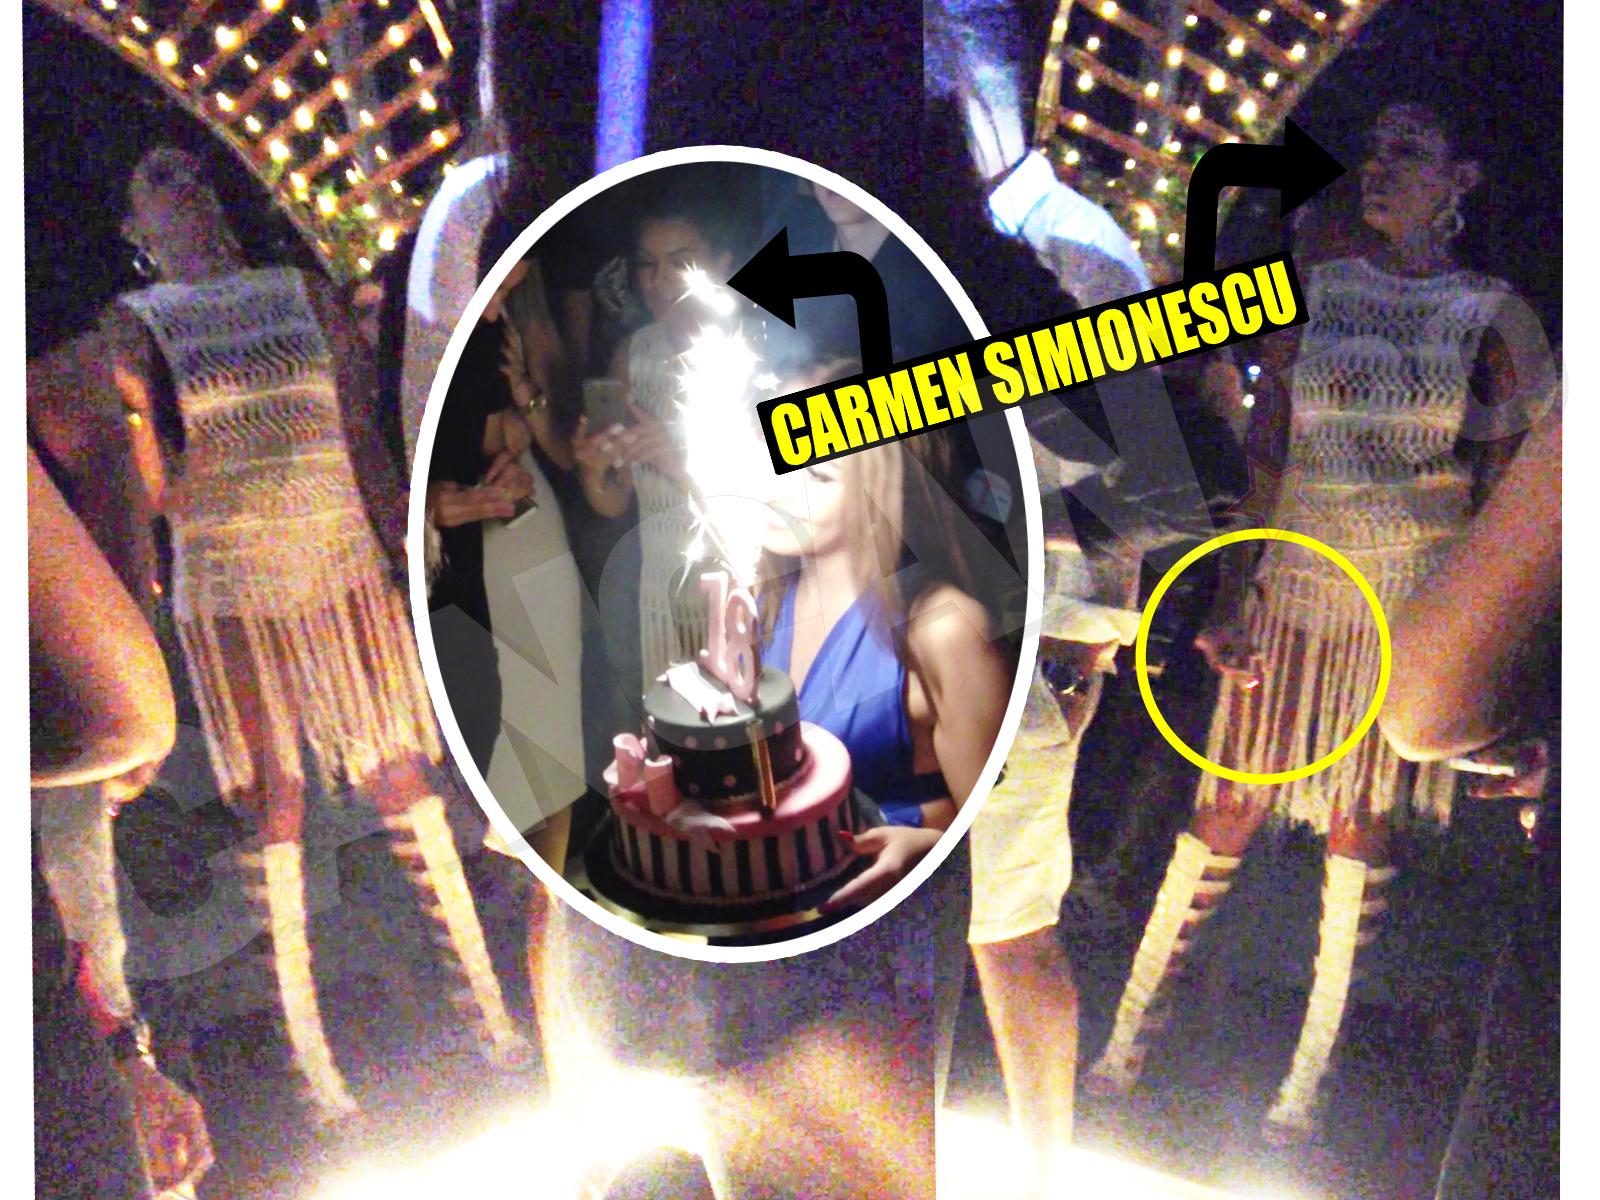 Carmen Simionescu a fumat pe ascuns, la o petrecere la care fusese invitată